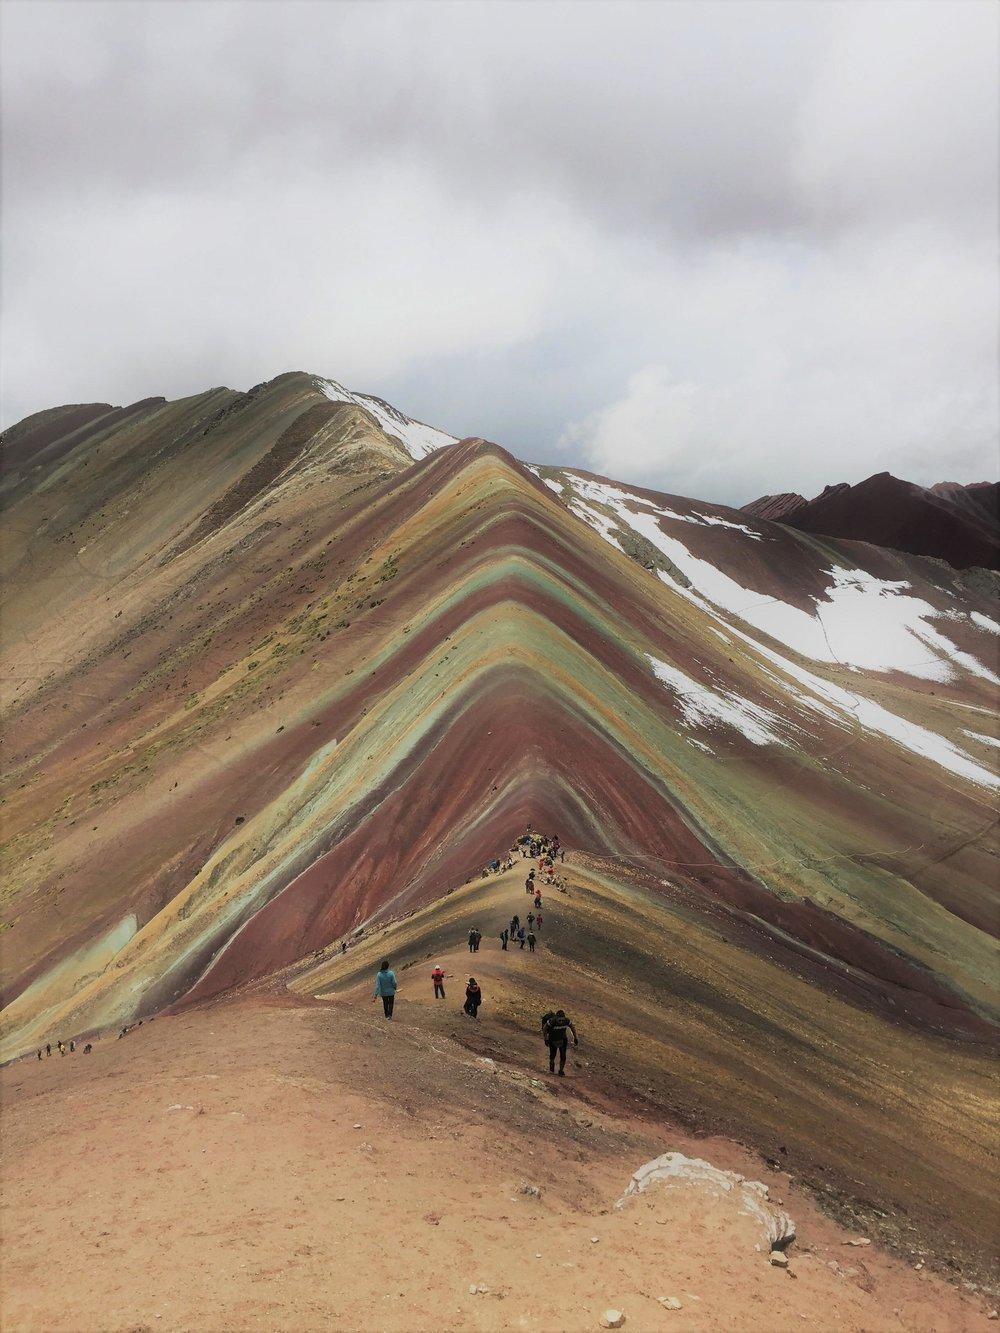 Montagne Vinicunca ou montagne aux 7 couleurs, Perou.